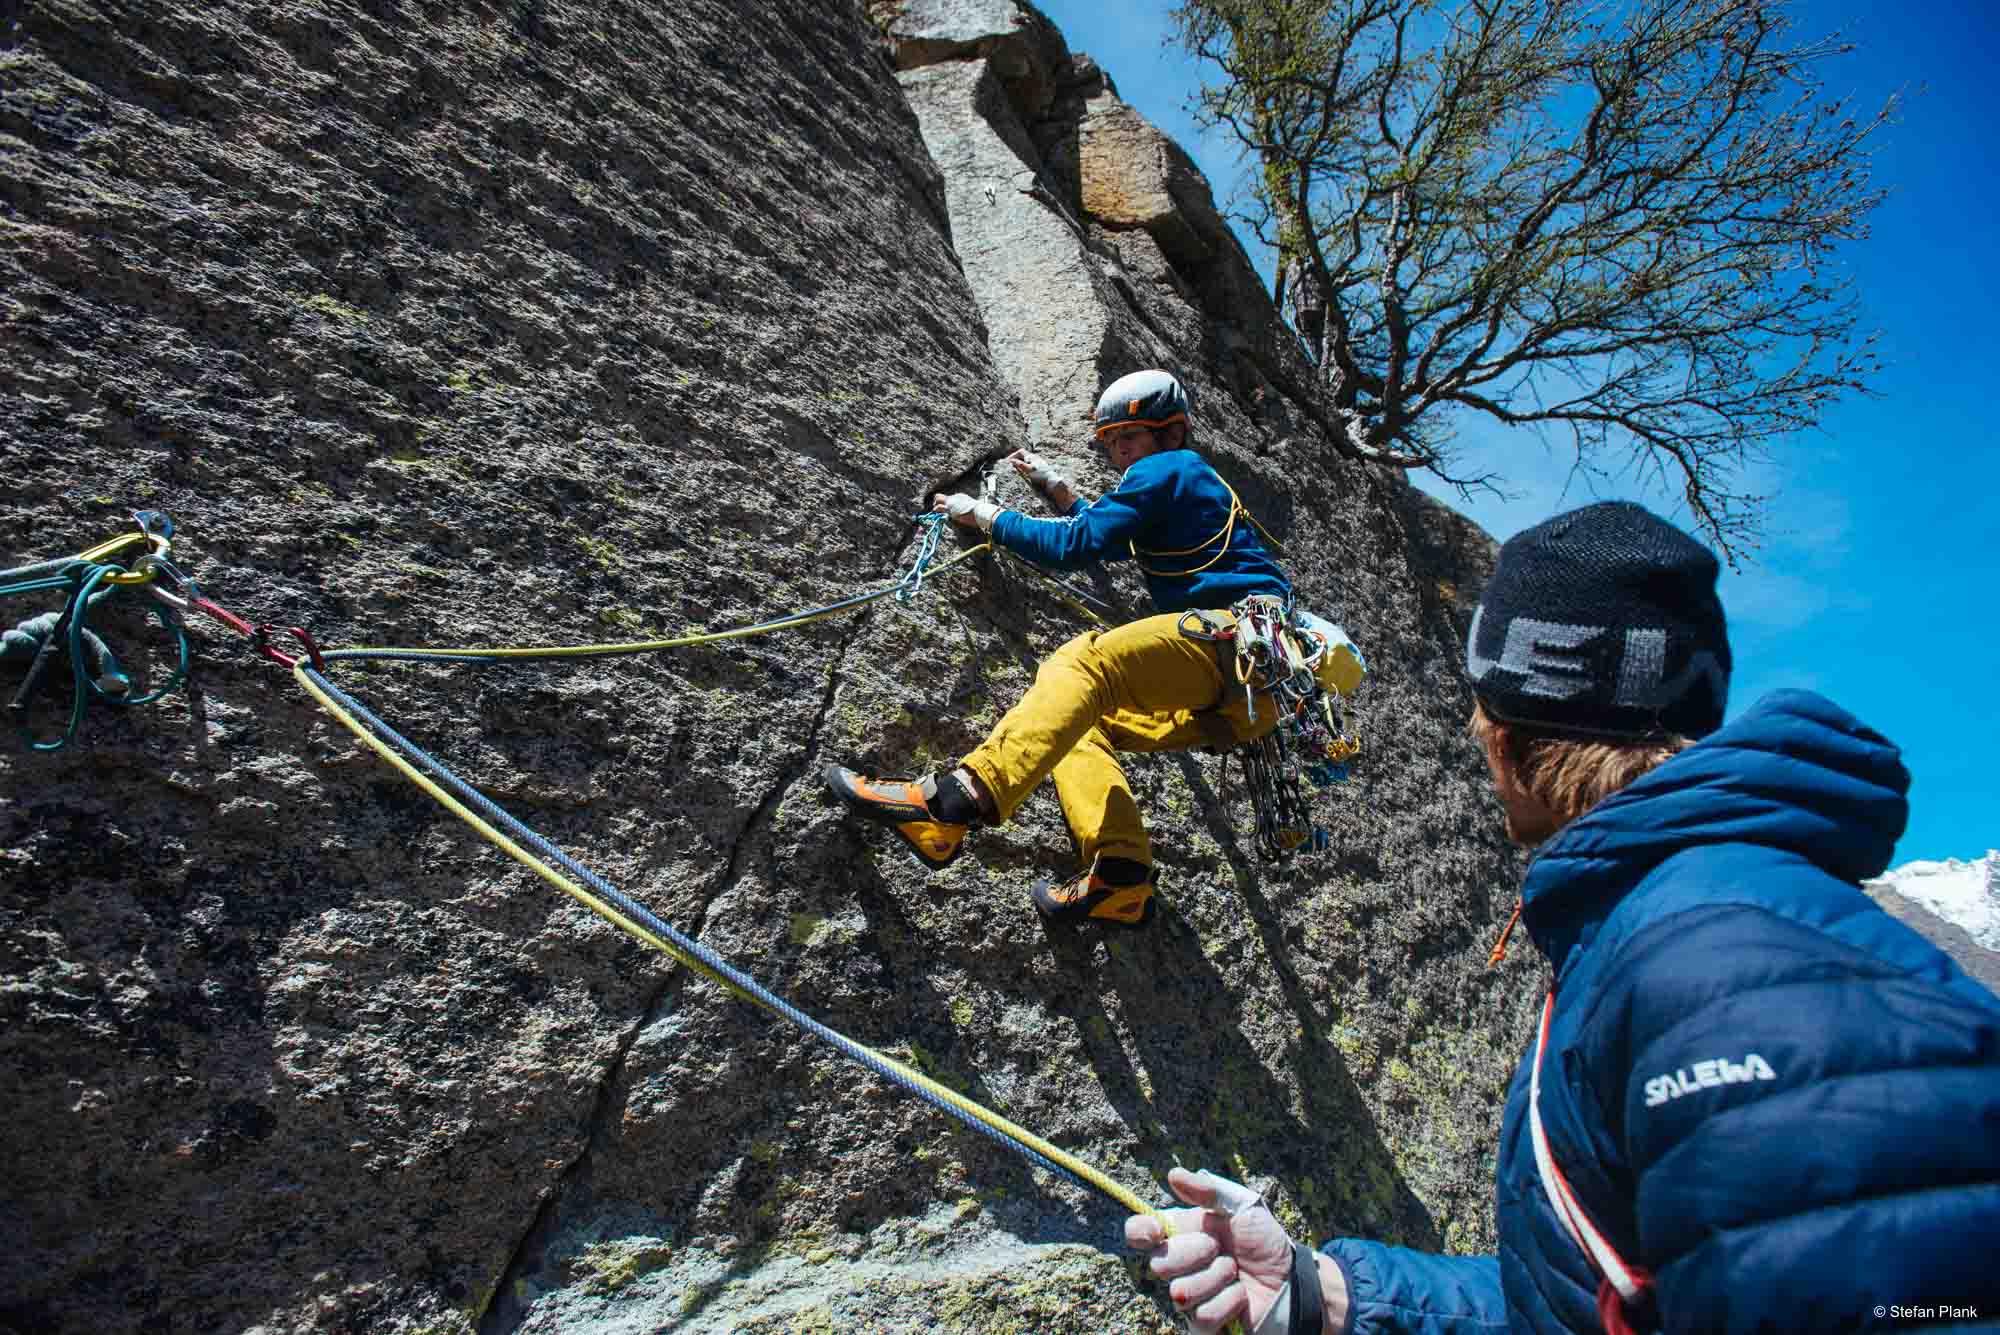 Bergsteigertipp: Das Bremshandprinzip